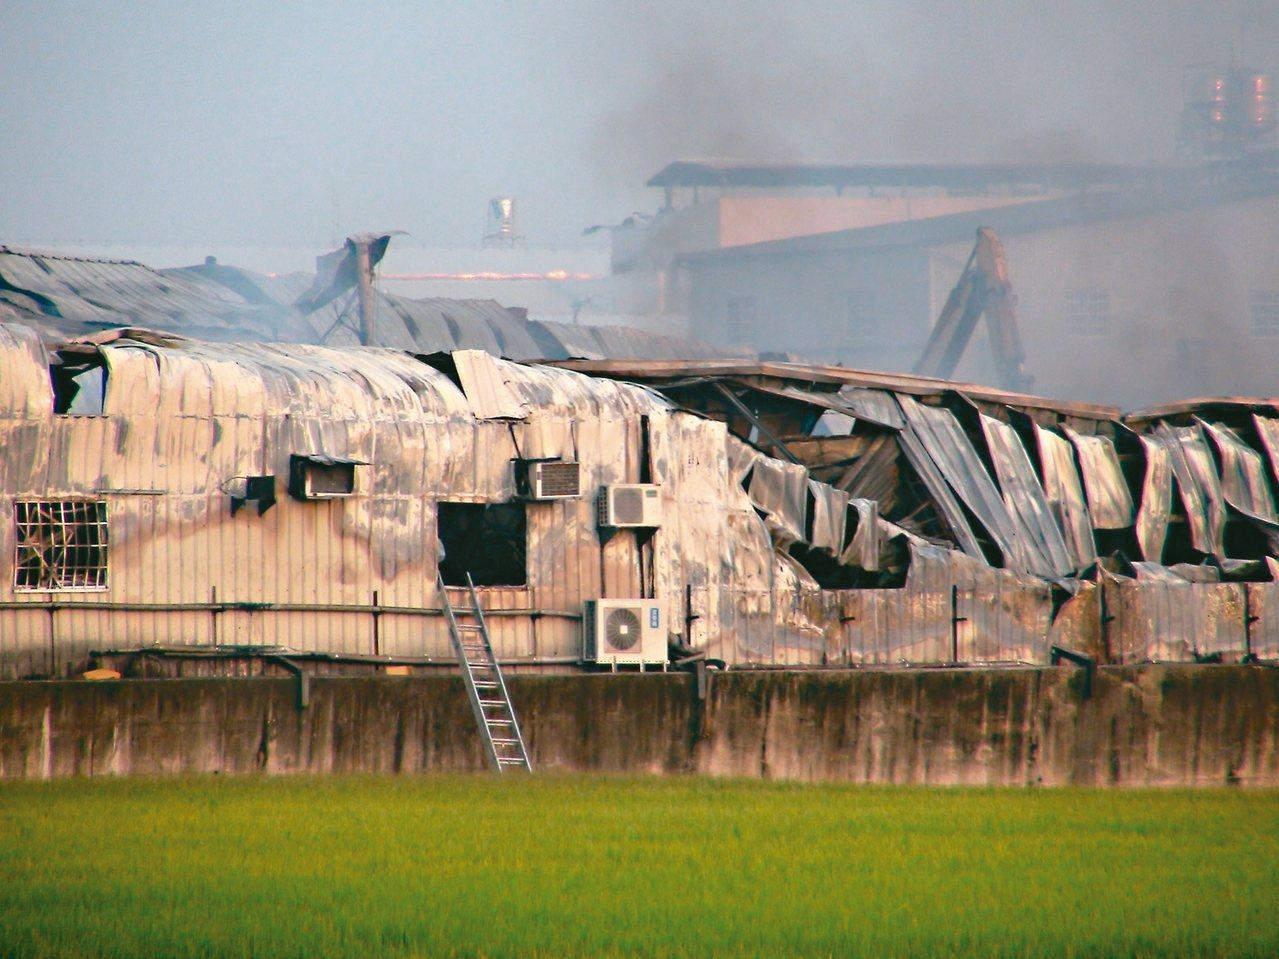 台中市大雅區一處在農地上的鐵皮工廠昨晨發生大火。 記者余采瀅/攝影